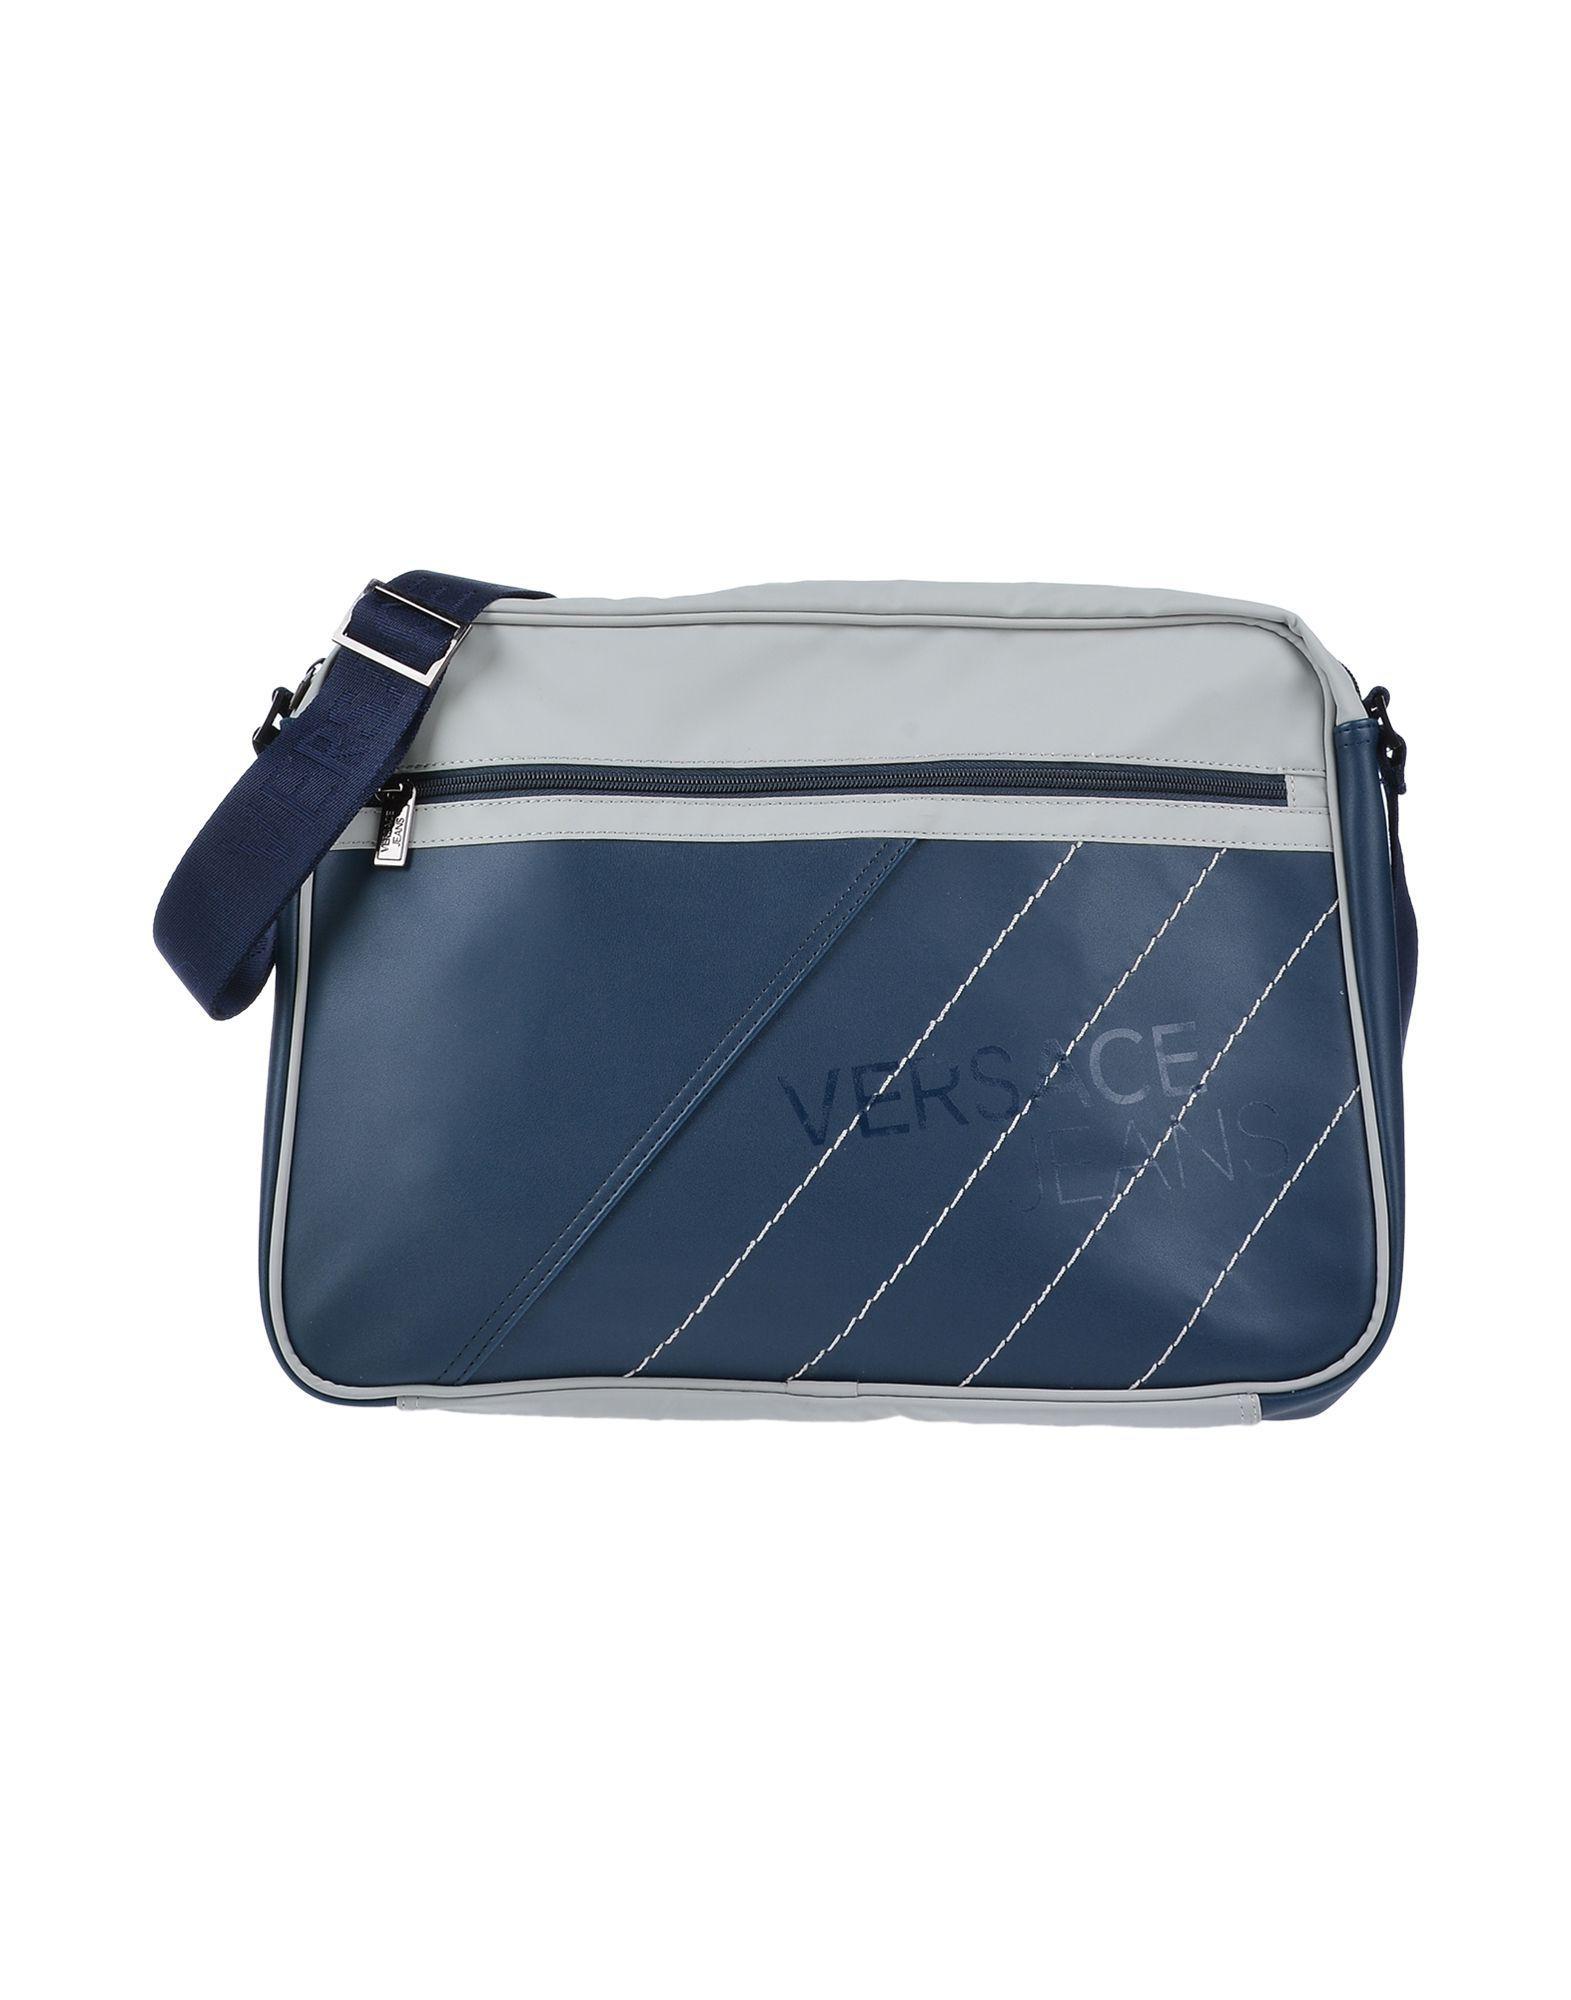 3a84b72b1924 Lyst - Versace Jeans Cross-body Bag in Blue for Men